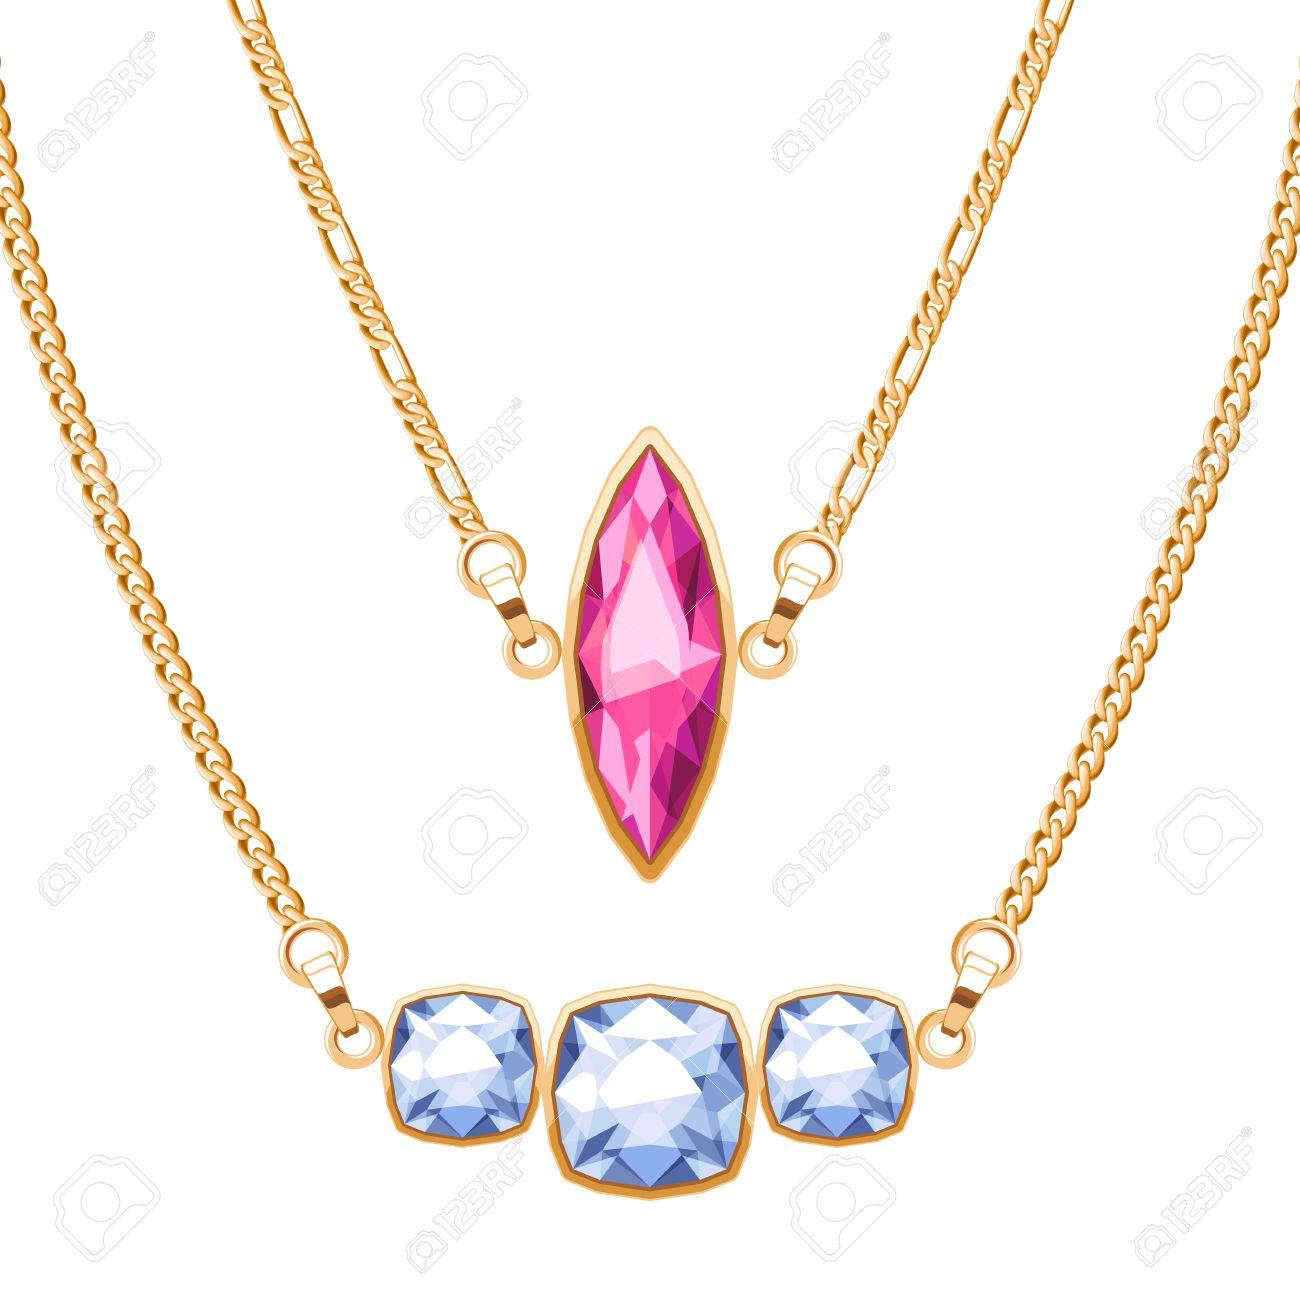 215417b78128 Collares de cadena de oro fijados con rubí y diamantes colgantes de piedras  preciosas. vector